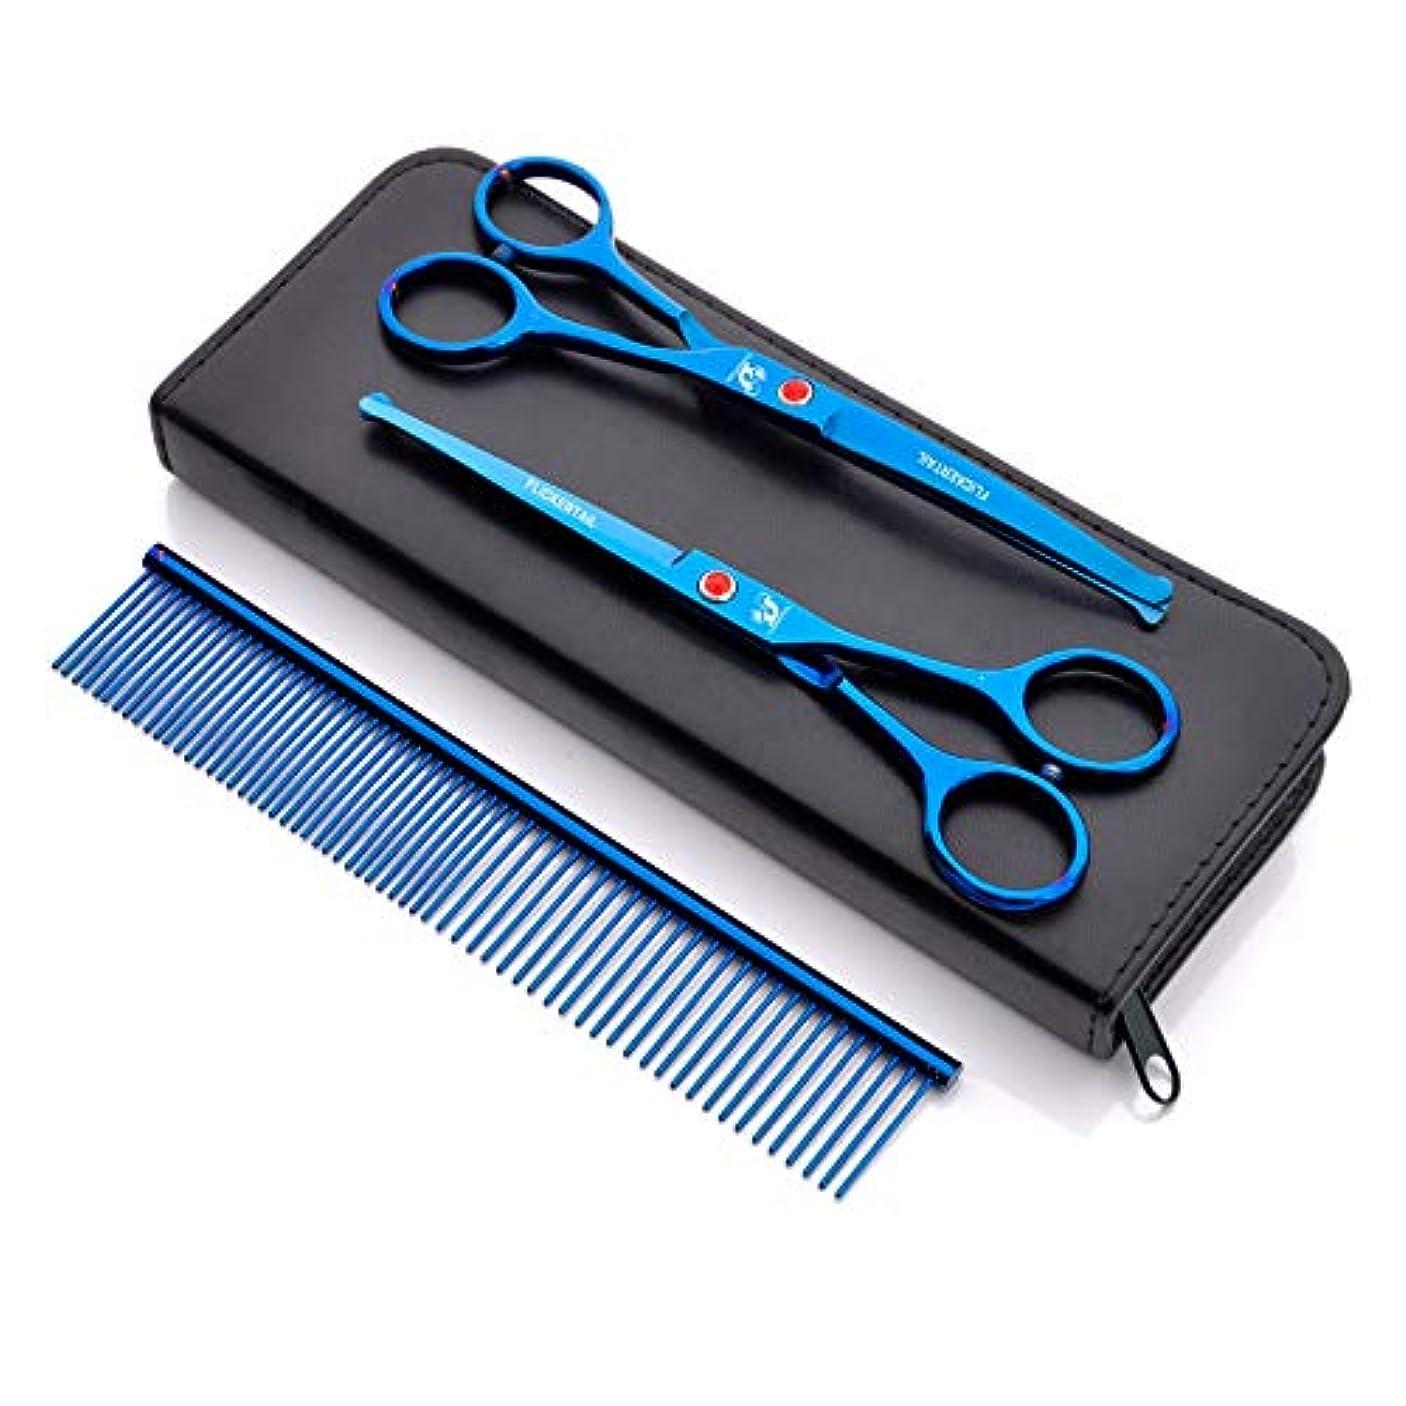 生きているダース失効ラウンドヘッドペットの髪カットはさみ、プロのペットグルーミング精密安全はさみセット、ペットショップや個々のユーザーに適して,Blue